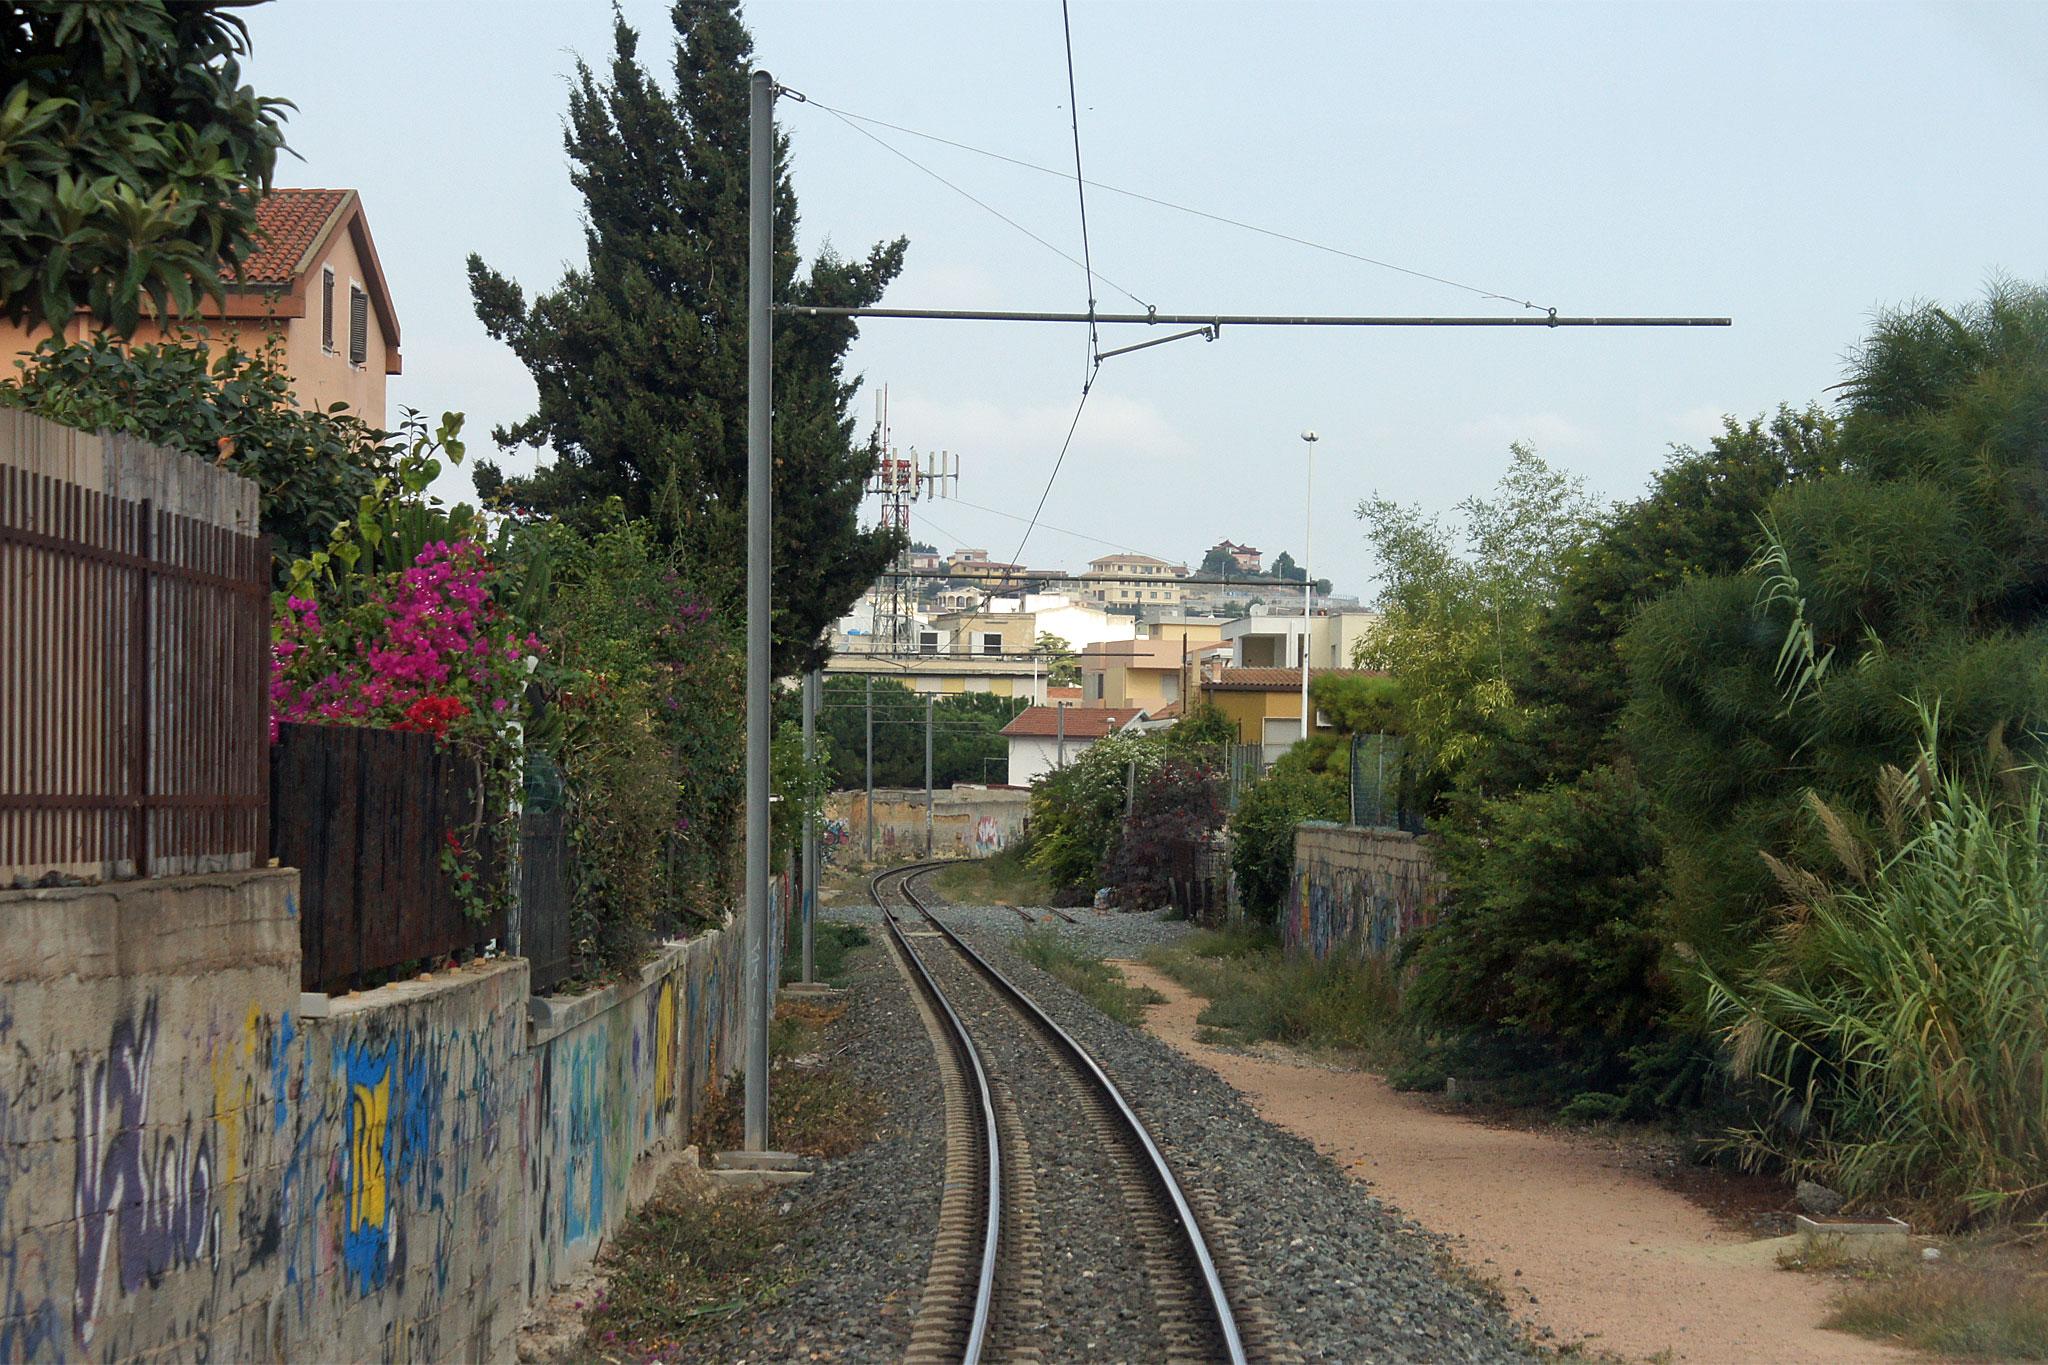 Iglesias vandali alla stazione ferroviaria incendiati i - La valigia sul letto iglesias ...